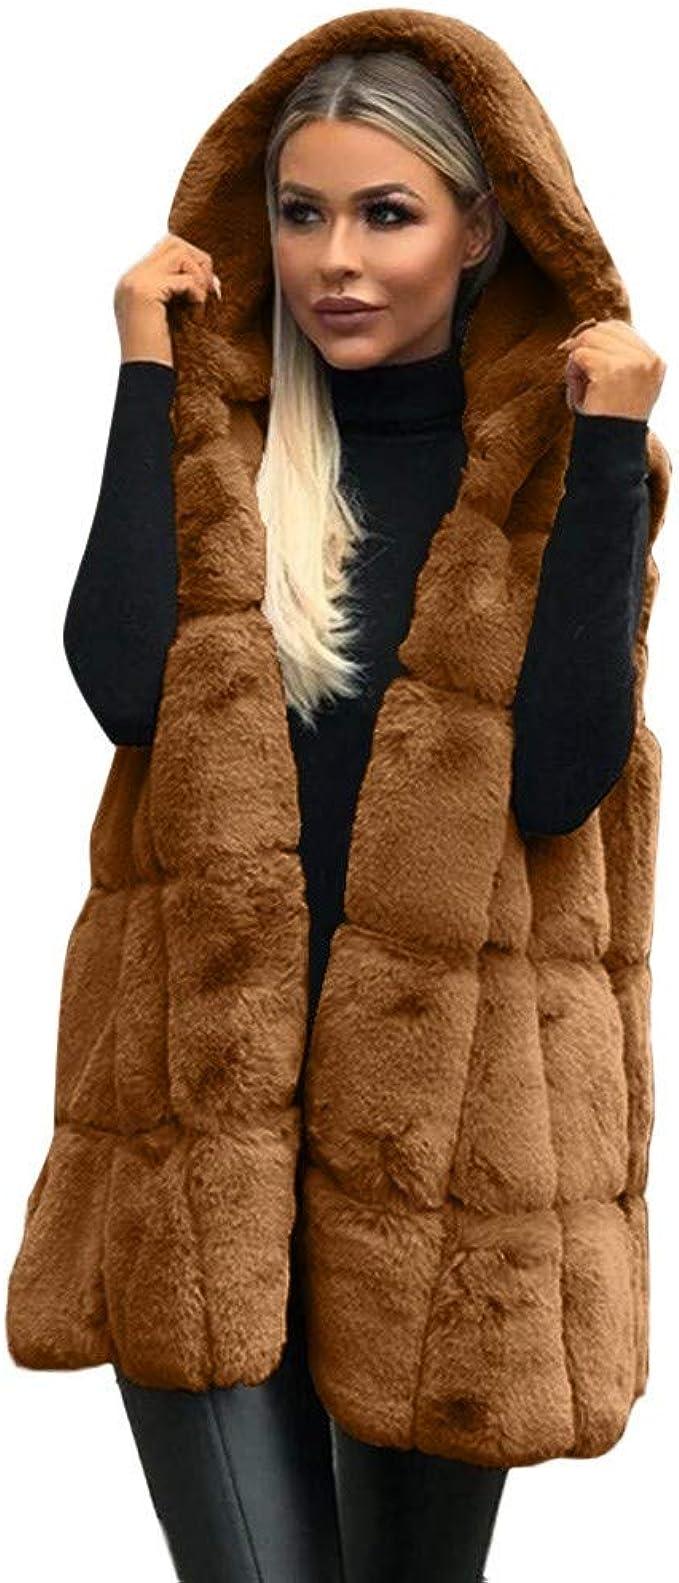 a maniche lunghe traspirante Scrolor Cardigan con cappuccio Maglione da donna